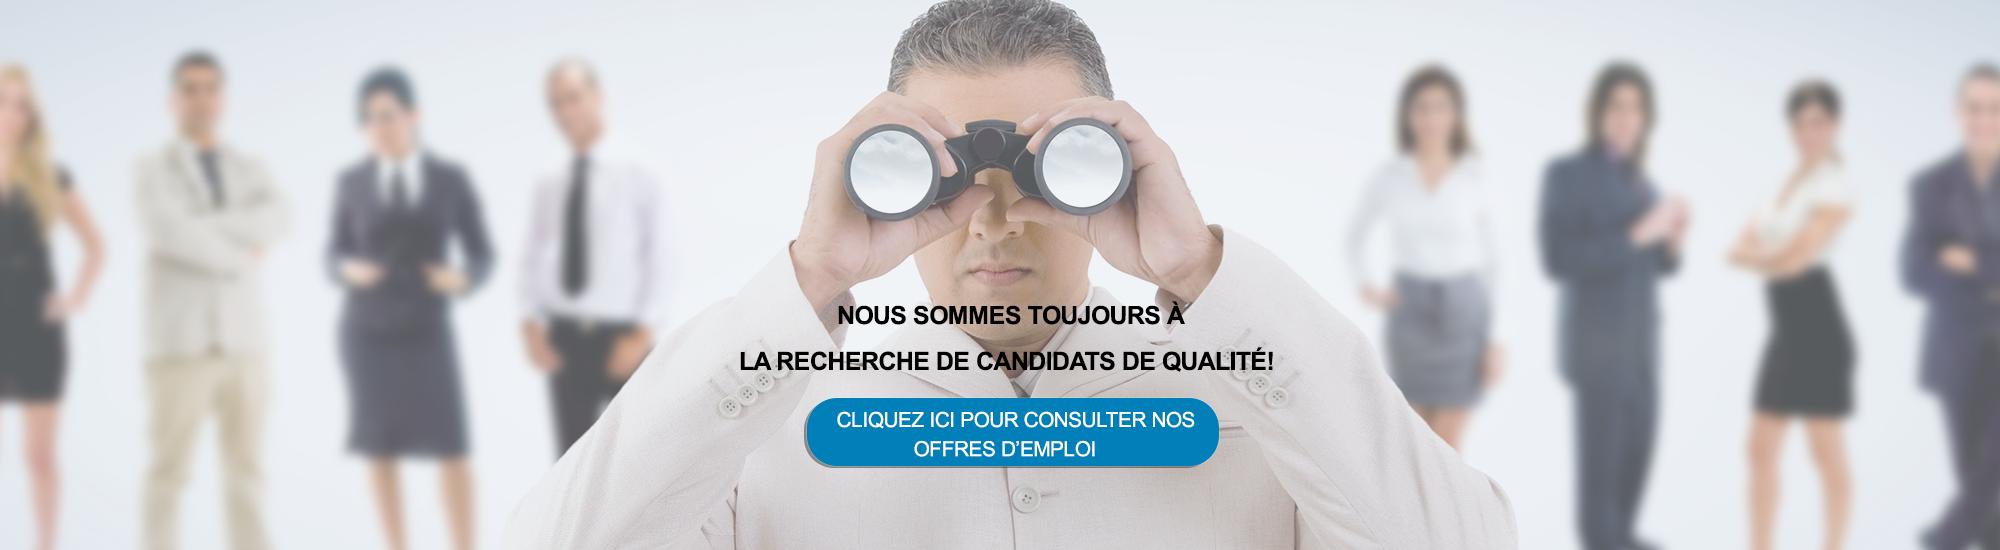 Emplois - Saint-Jean Hyundai